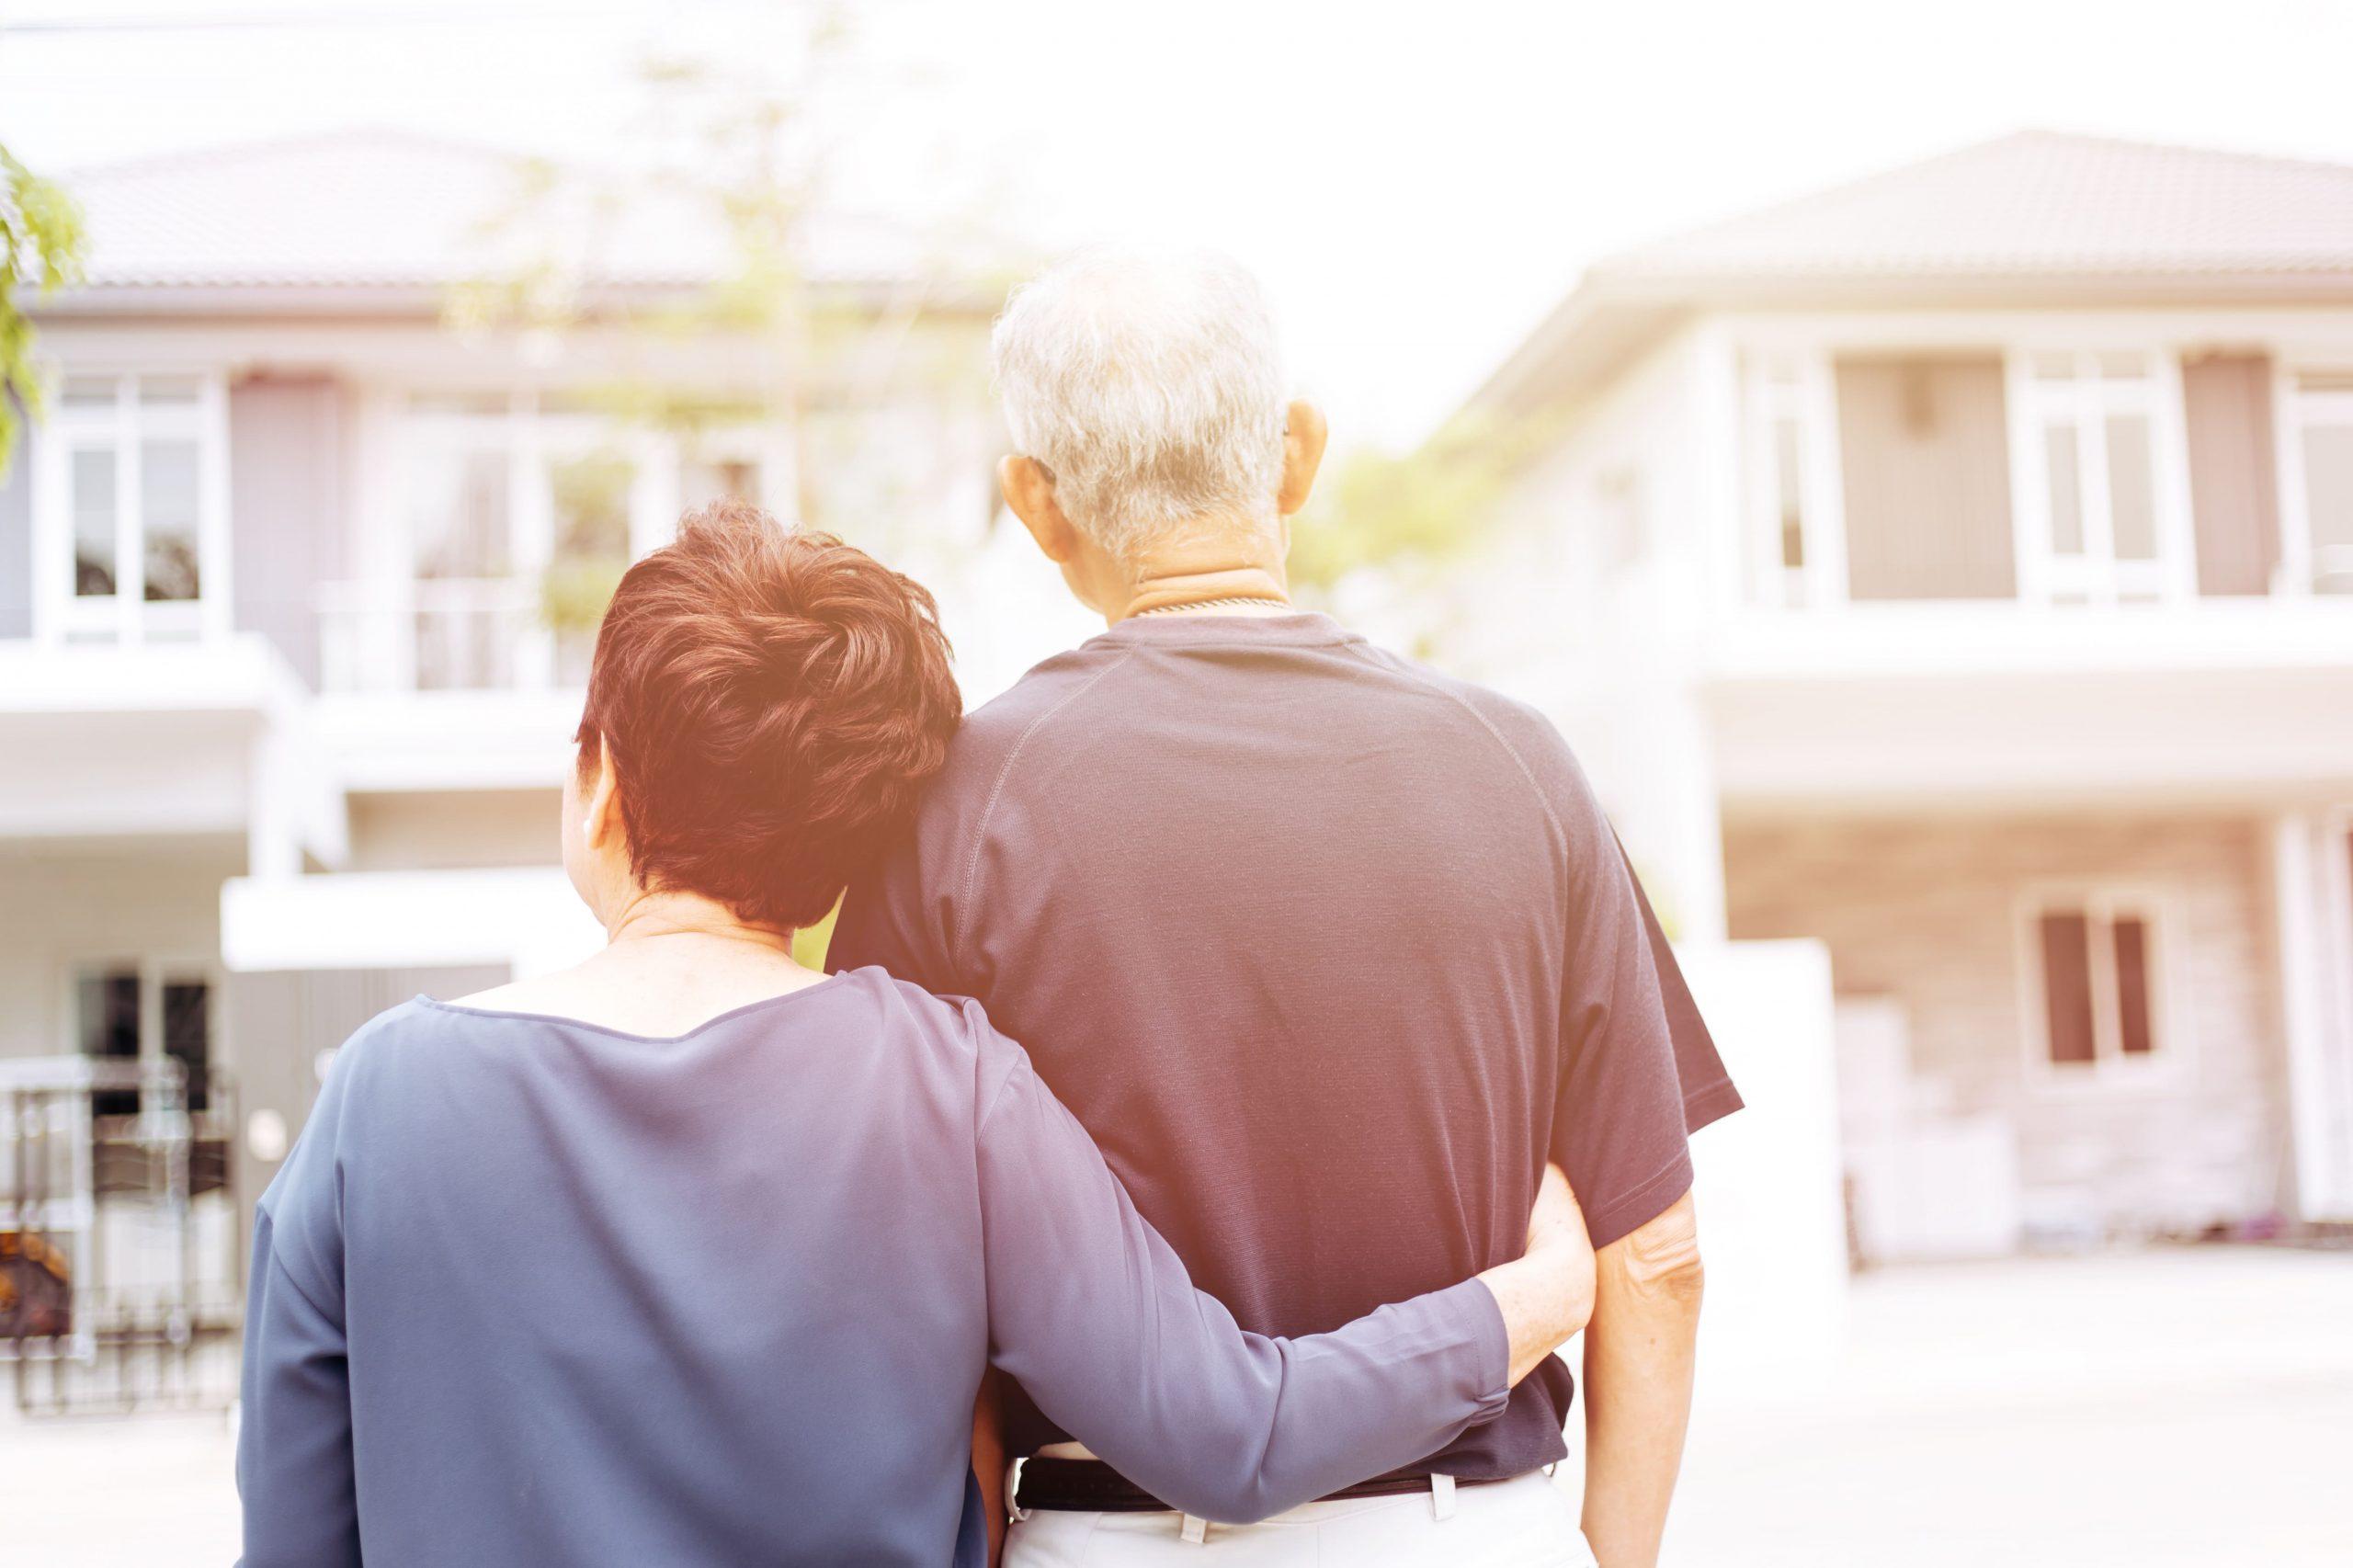 老後に住むなら賃貸?持ち家?高齢者専用住宅についても解説!